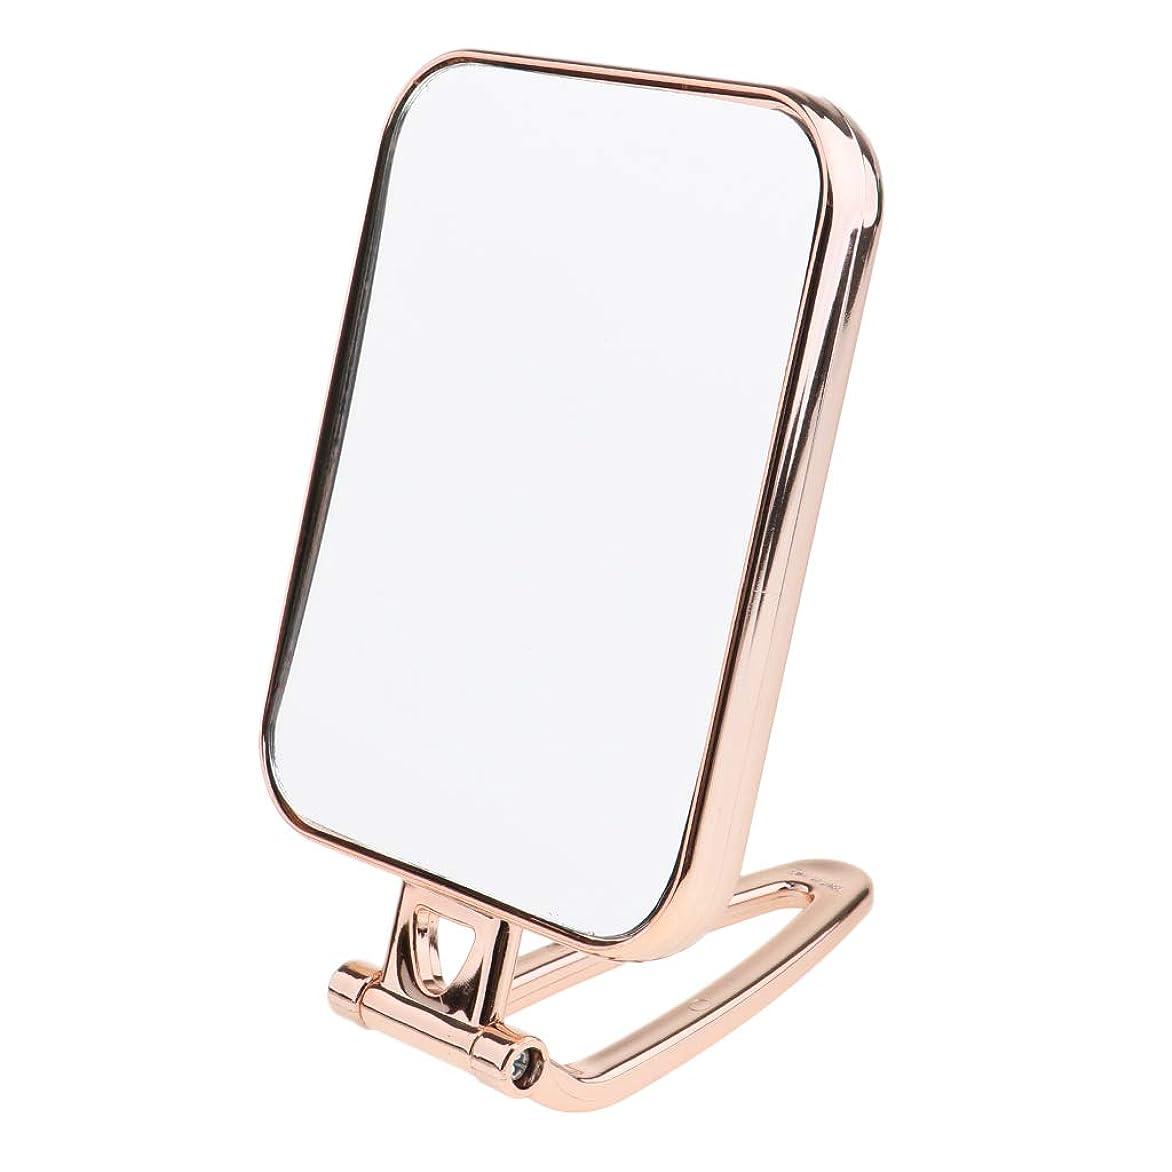 悪性のティーンエイジャーユーモラスB Blesiya 全3色 スクエア 両面鏡 両面ミラー テーブルミラー 化粧鏡 卓上化粧用品 - ゴールド